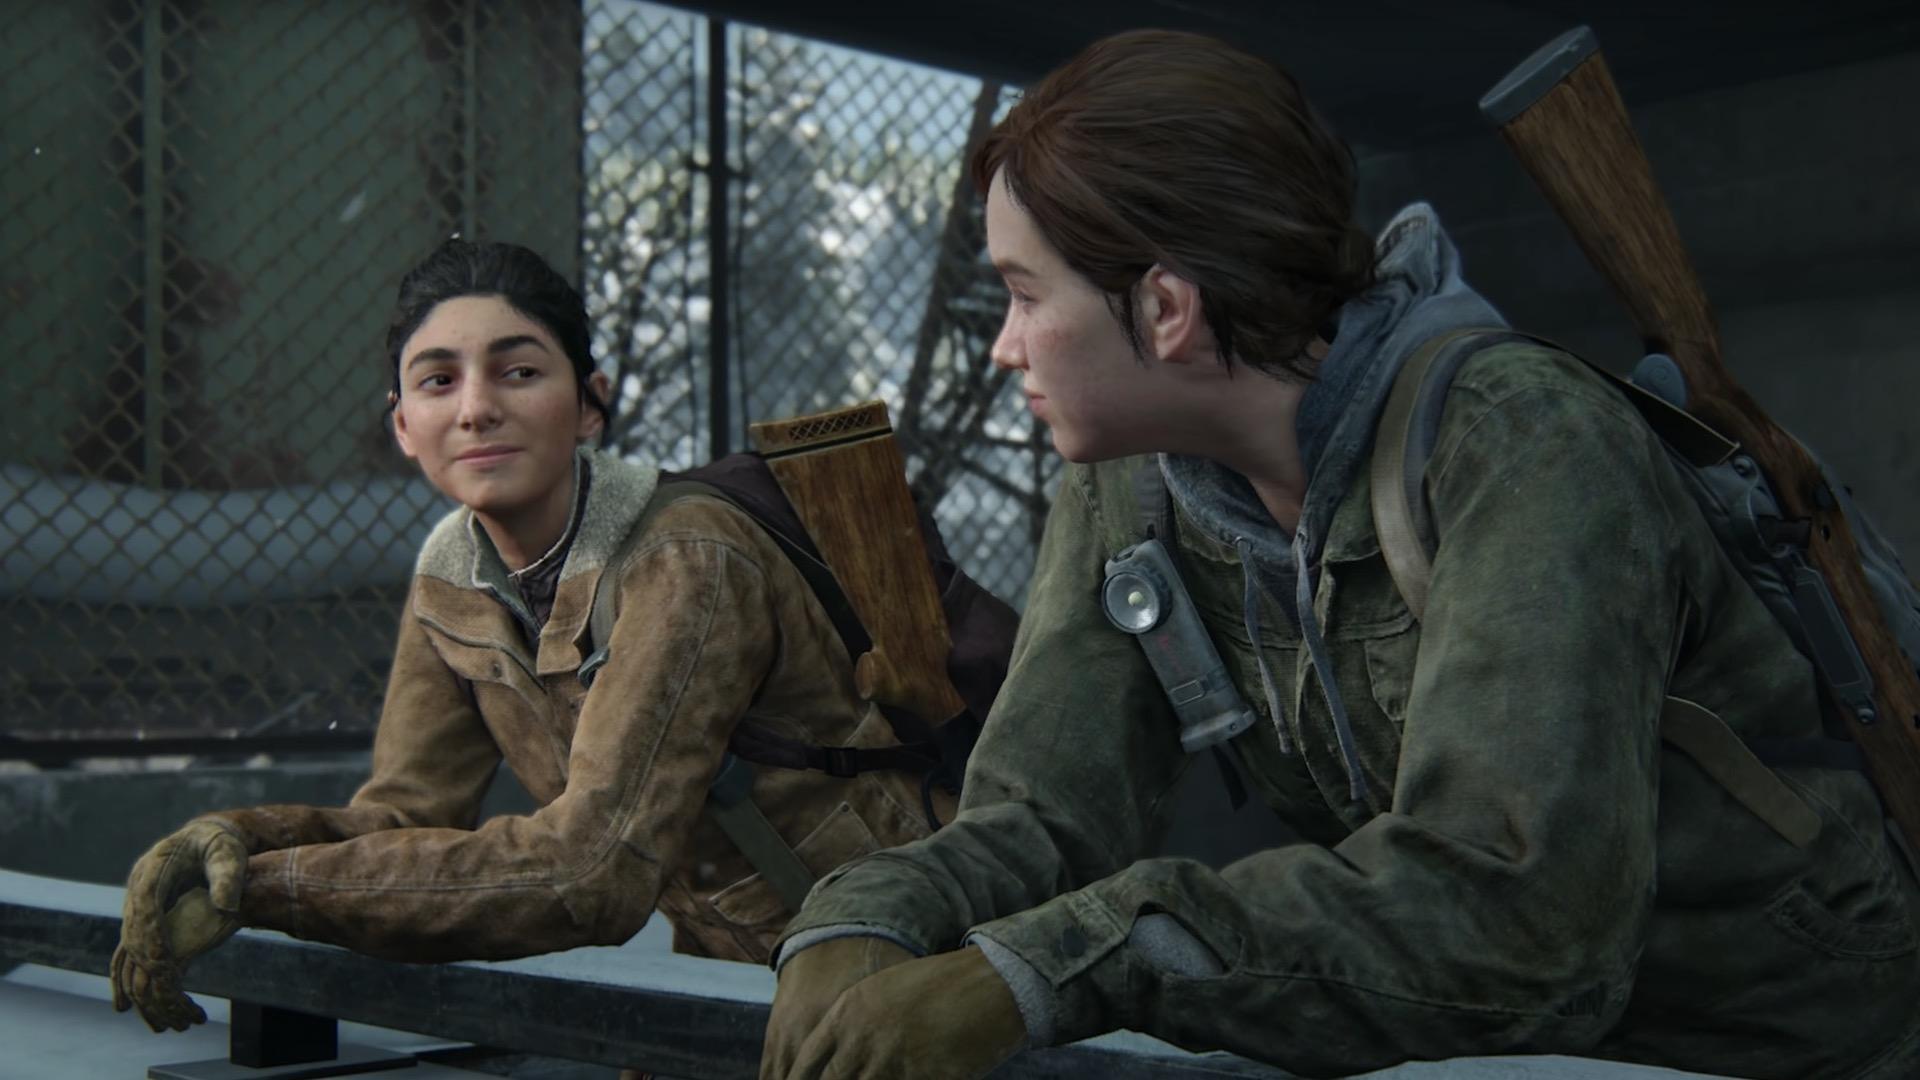 В The Last of Us Part II мог появиться другой финал, который более точно показал бы намерения Элли